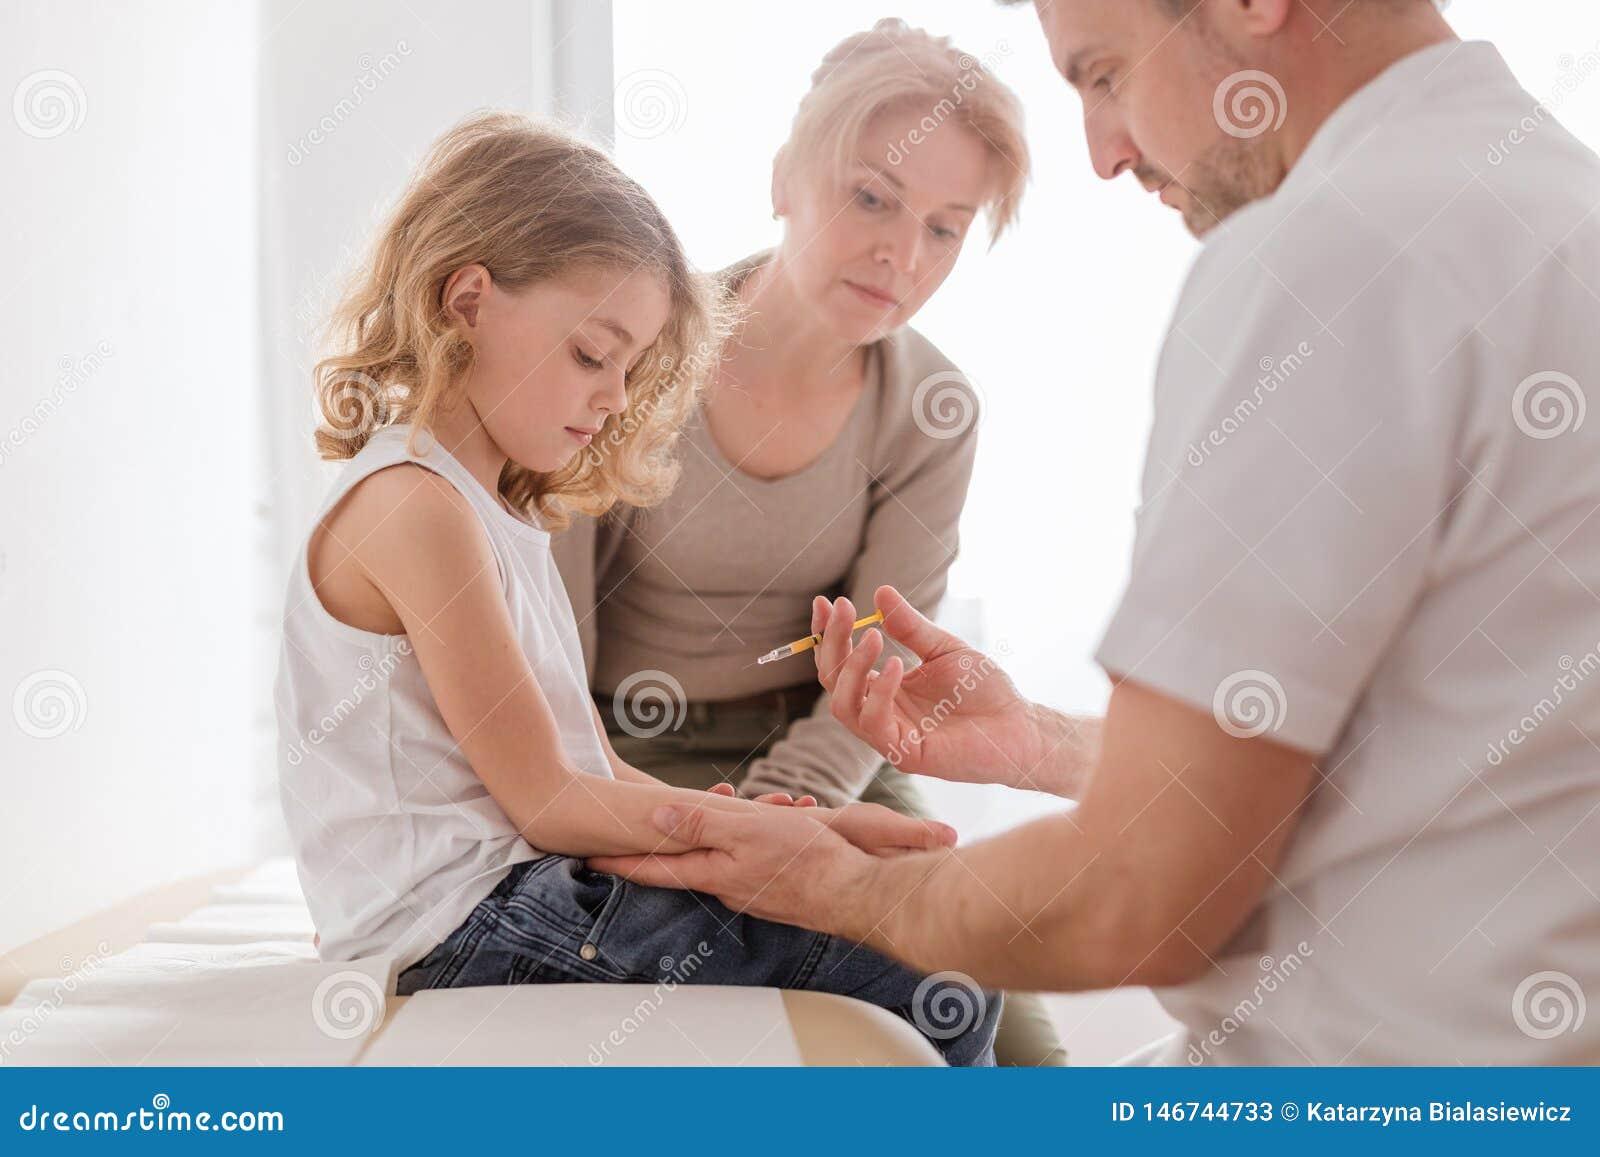 Mama i chłopiec podczas szczepień przy pediatrą